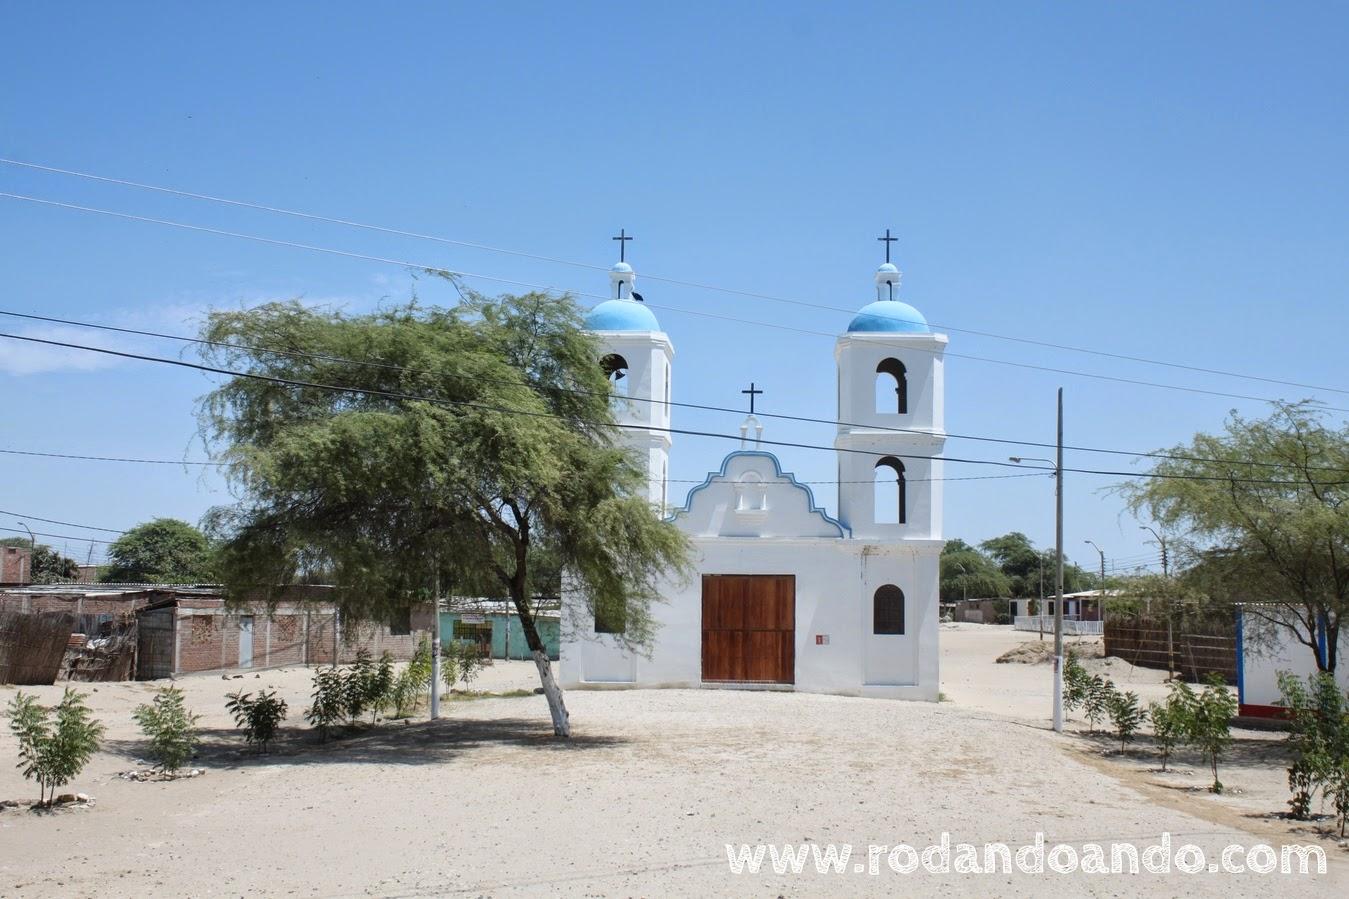 Una pintoresca Iglesia en el camino